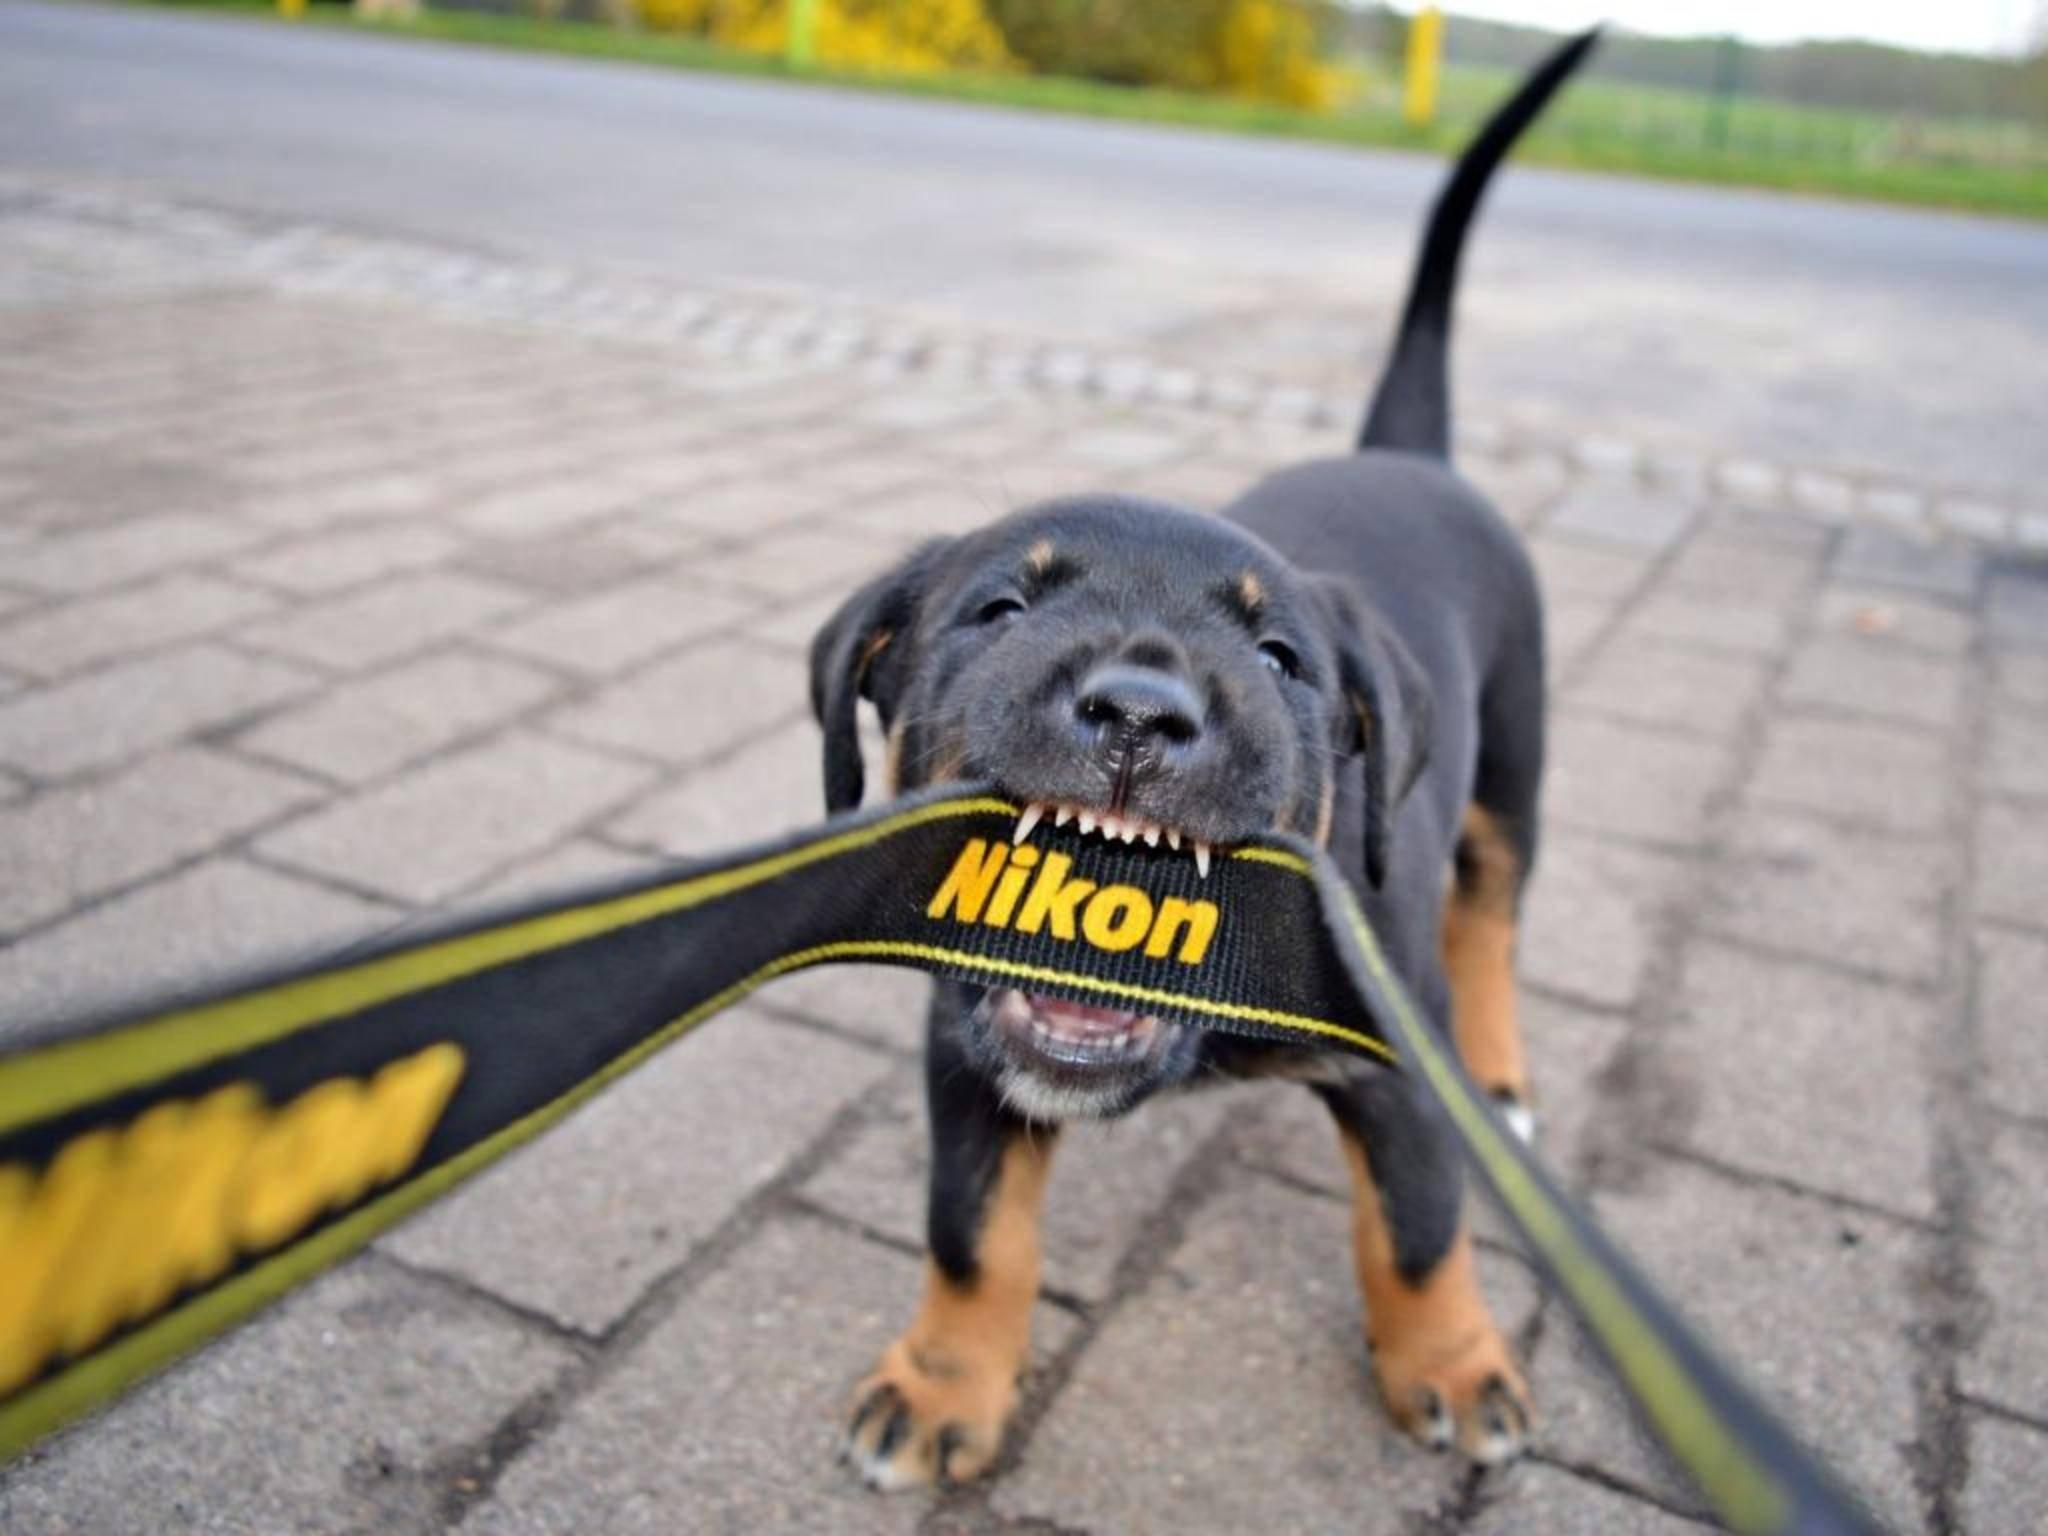 Nikon rüstet sich anscheinend für mehr Action im Jahr 2016.